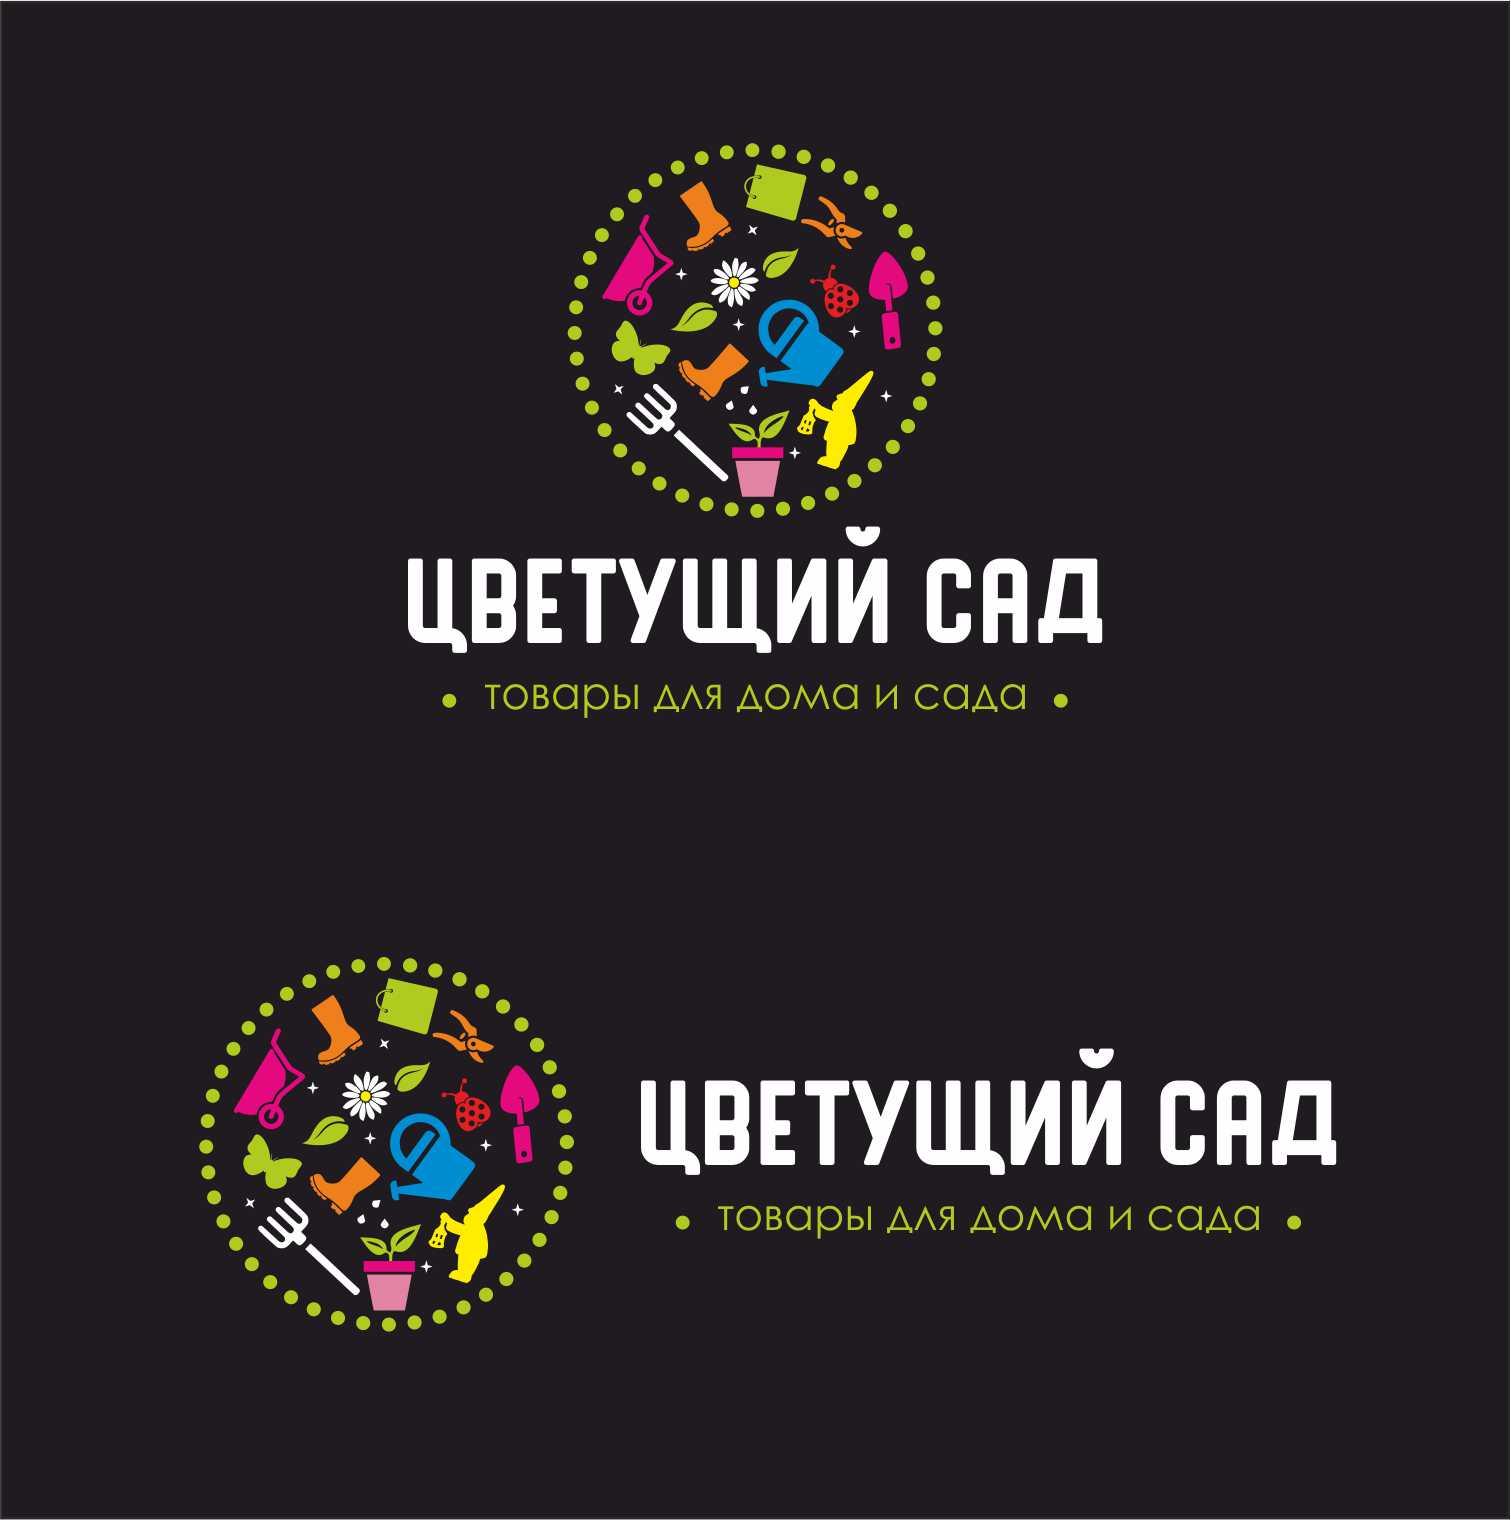 """Логотип для компании """"Цветущий сад"""" фото f_3945b7396815bff6.jpg"""